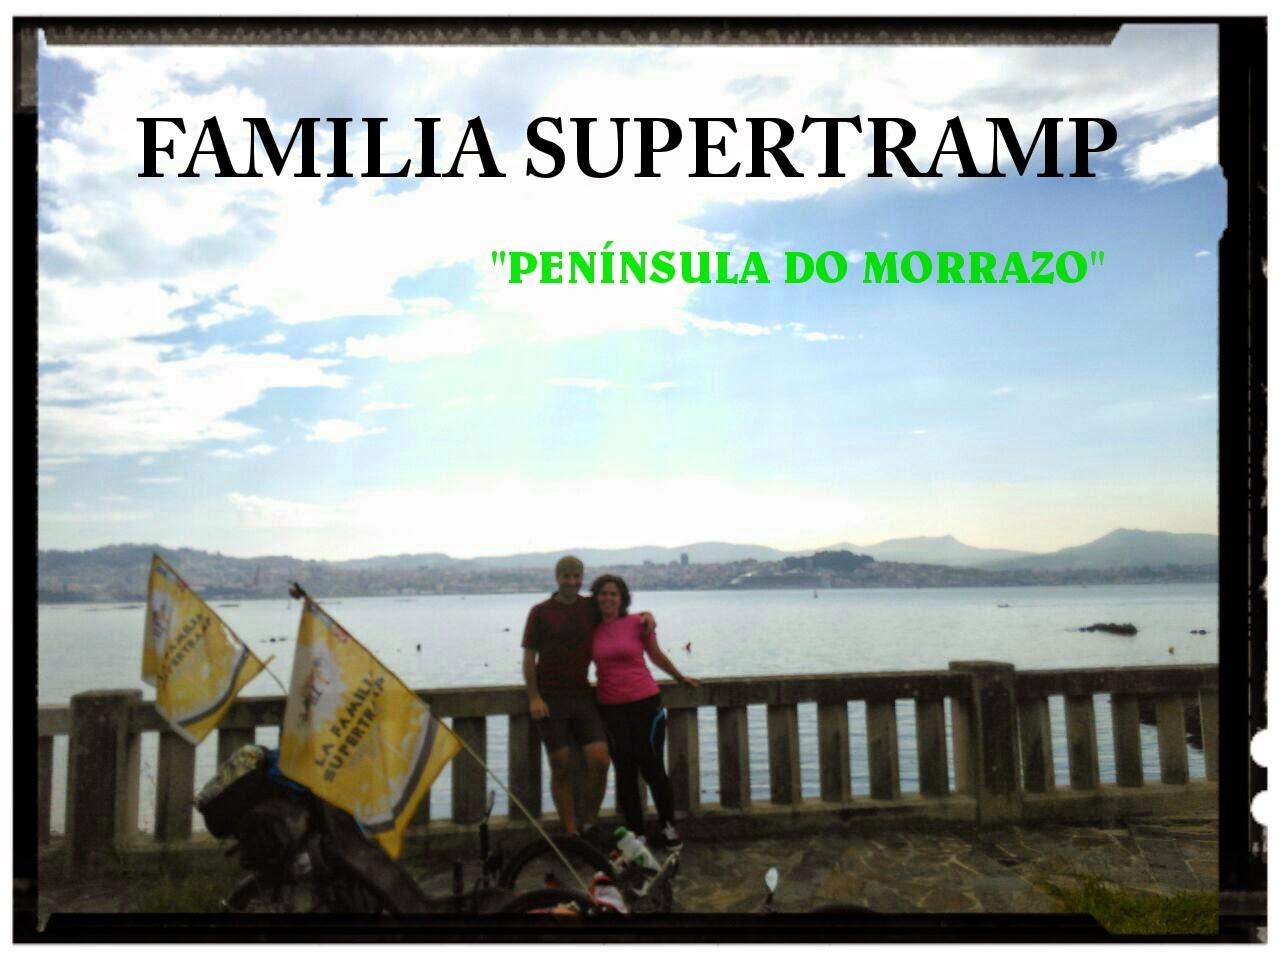 Familia Supertramp recumbent trike